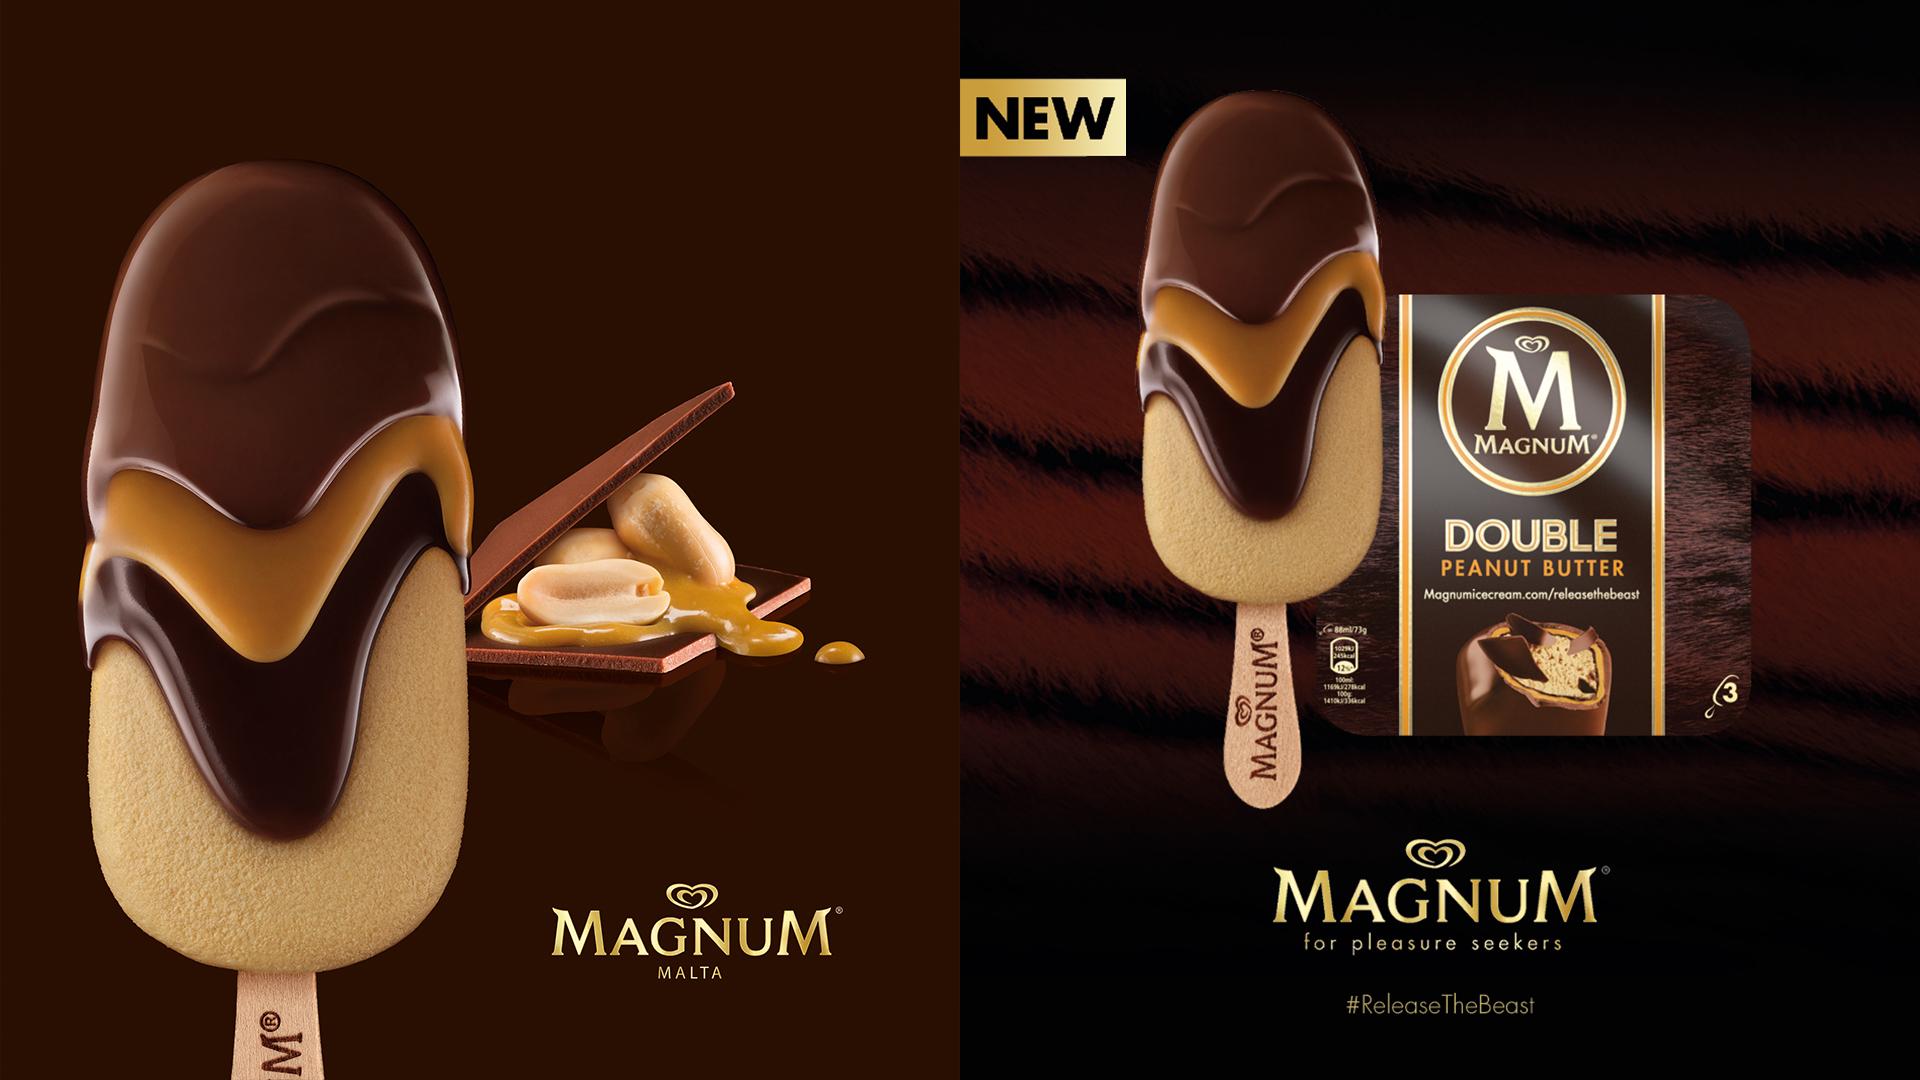 magnum advertising